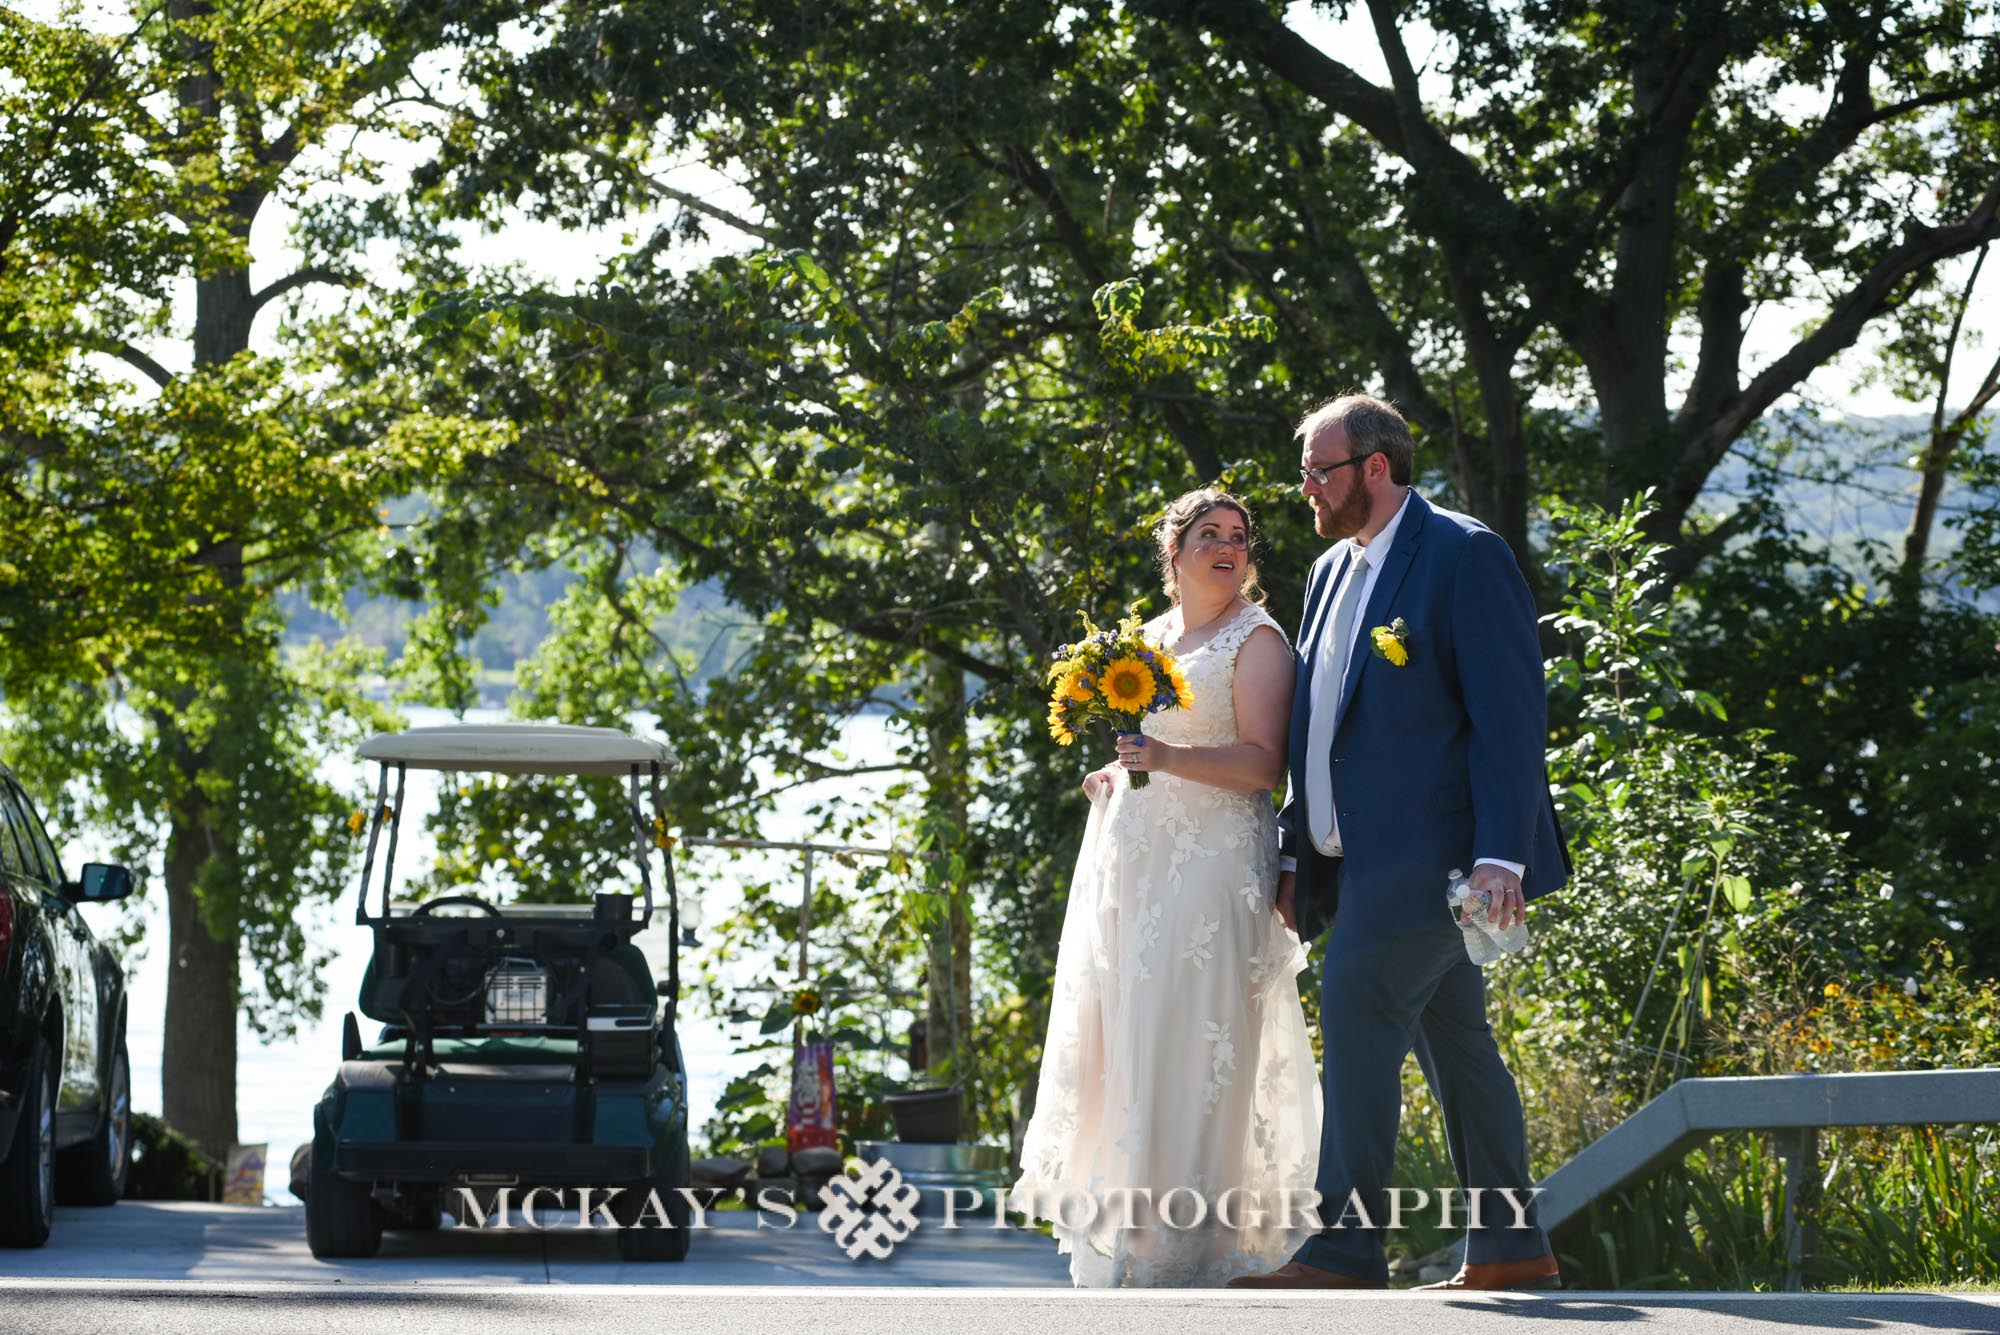 Finger Lakes wedding photography